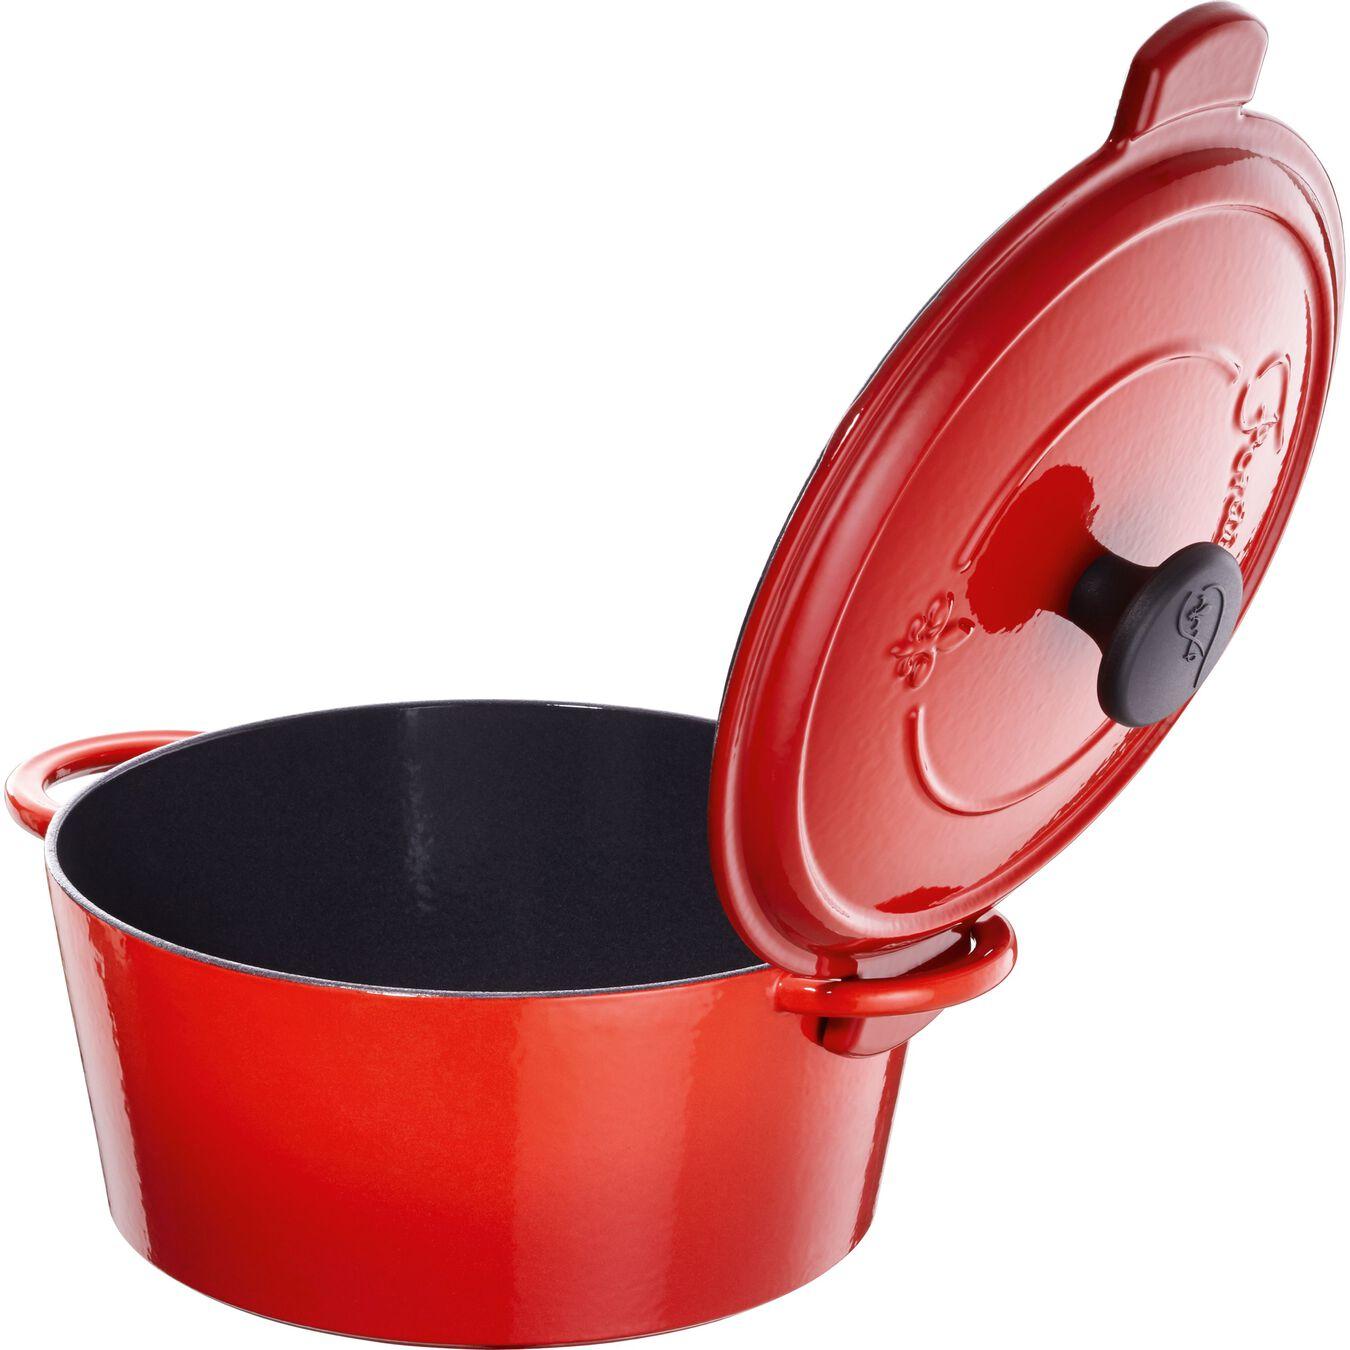 Caçarola 24 cm, redondo, Vermelho chama, Ferro fundido,,large 1